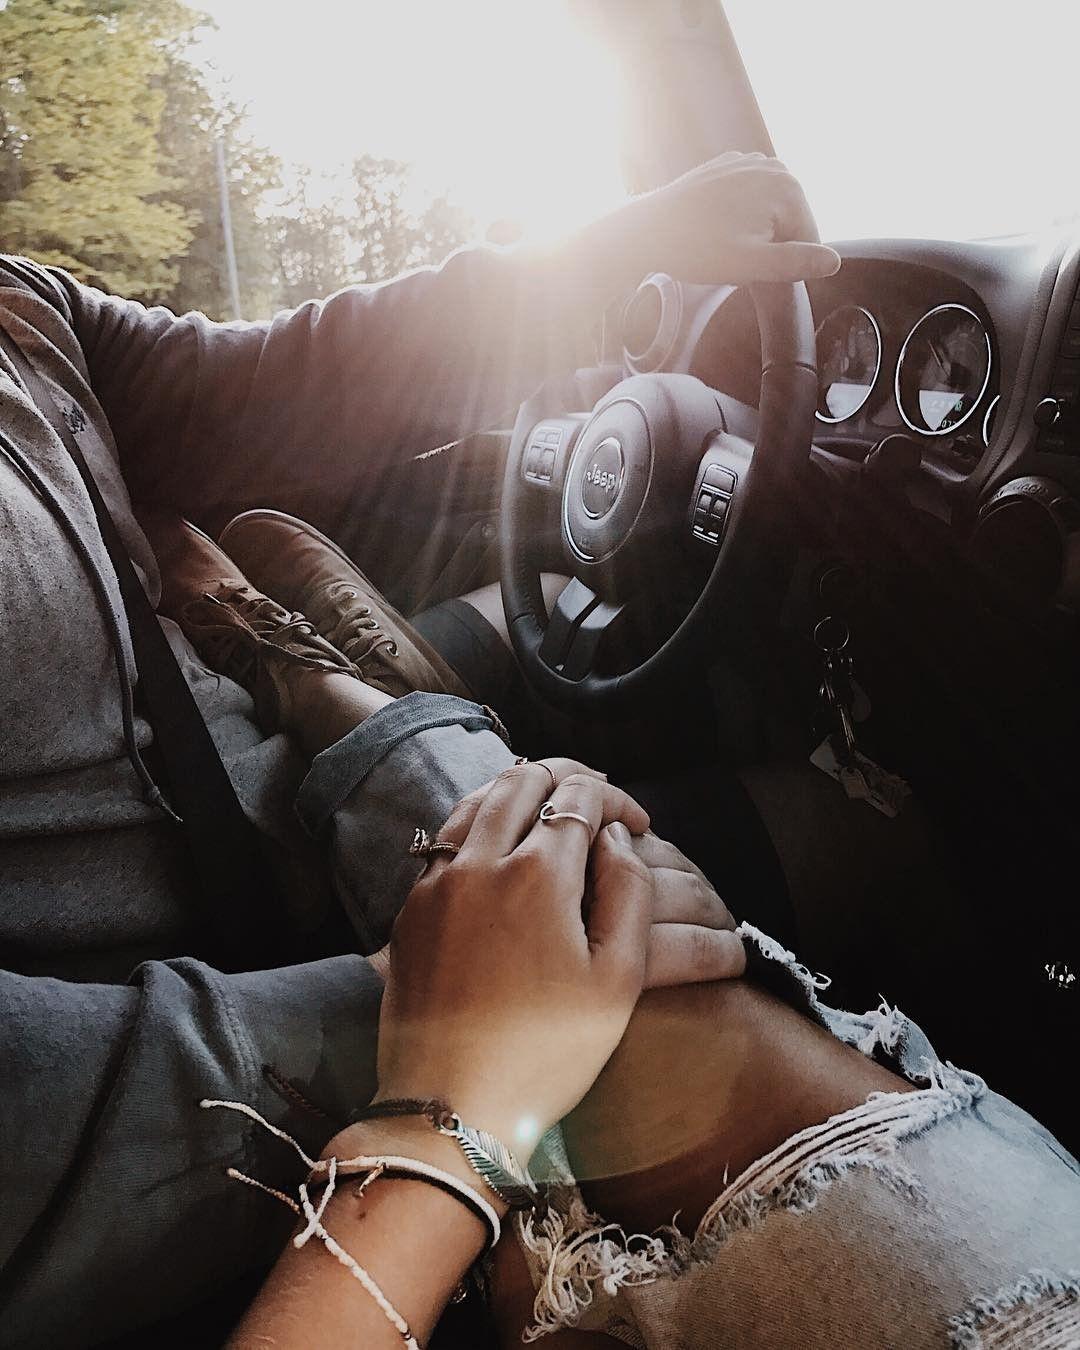 картинки мужская и женская руки в машине картинка помогая старшенькой